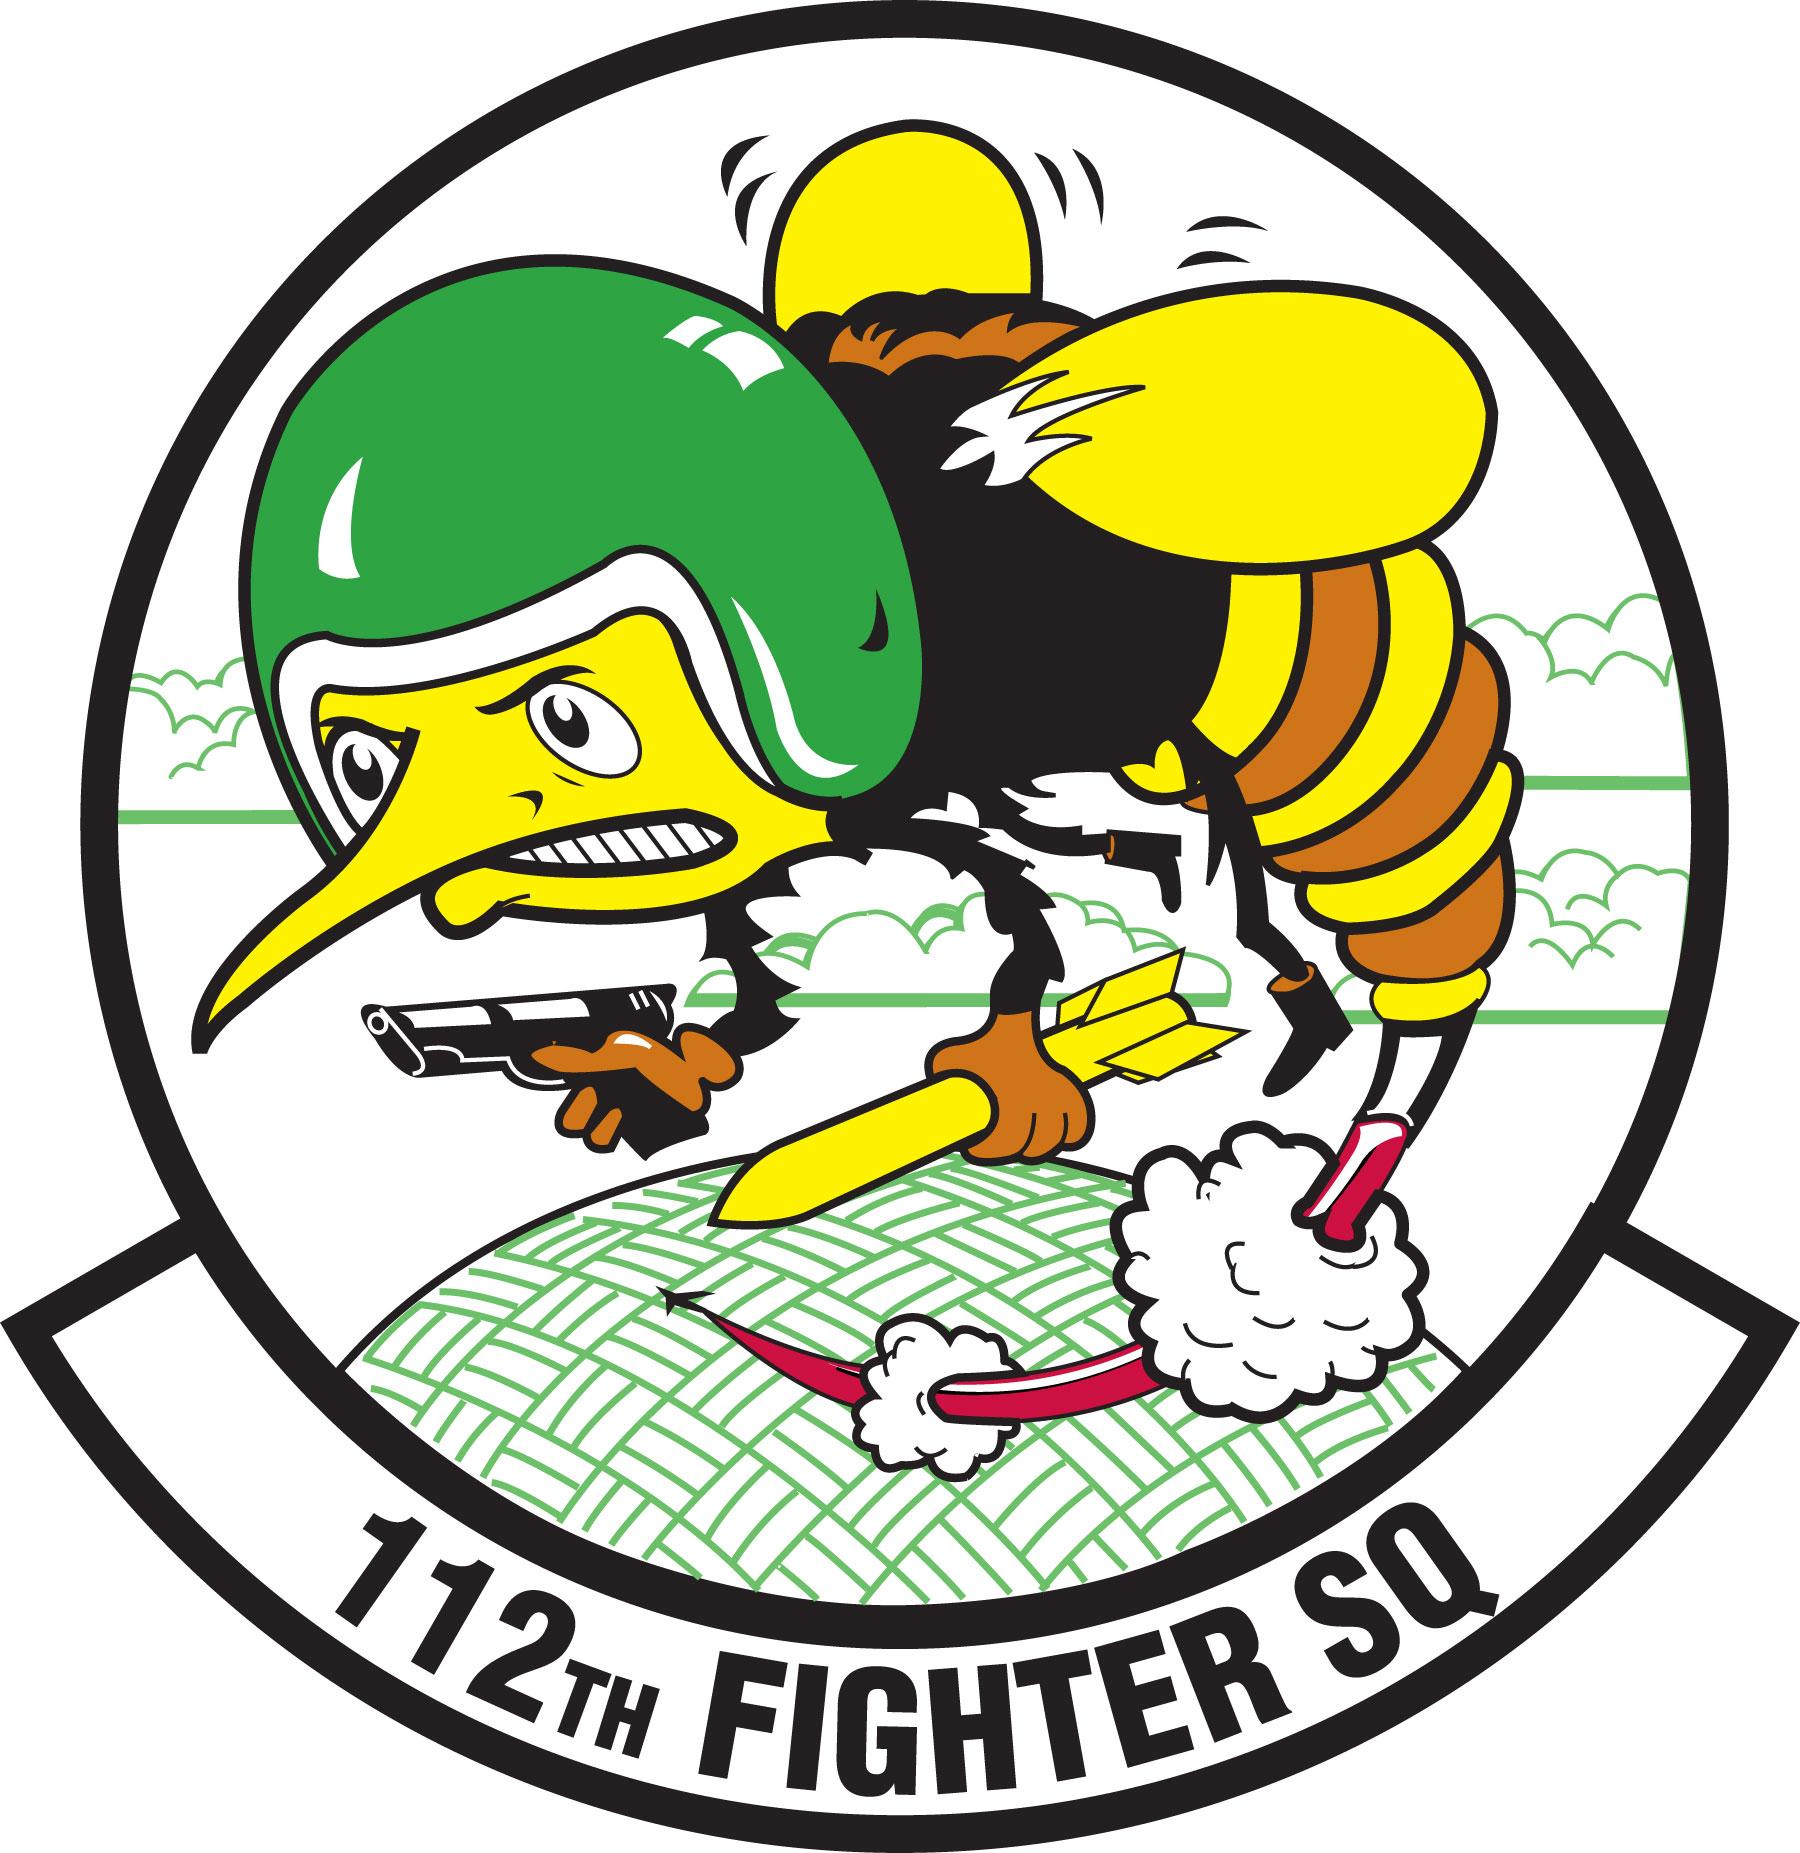 112th Fighter Squadron